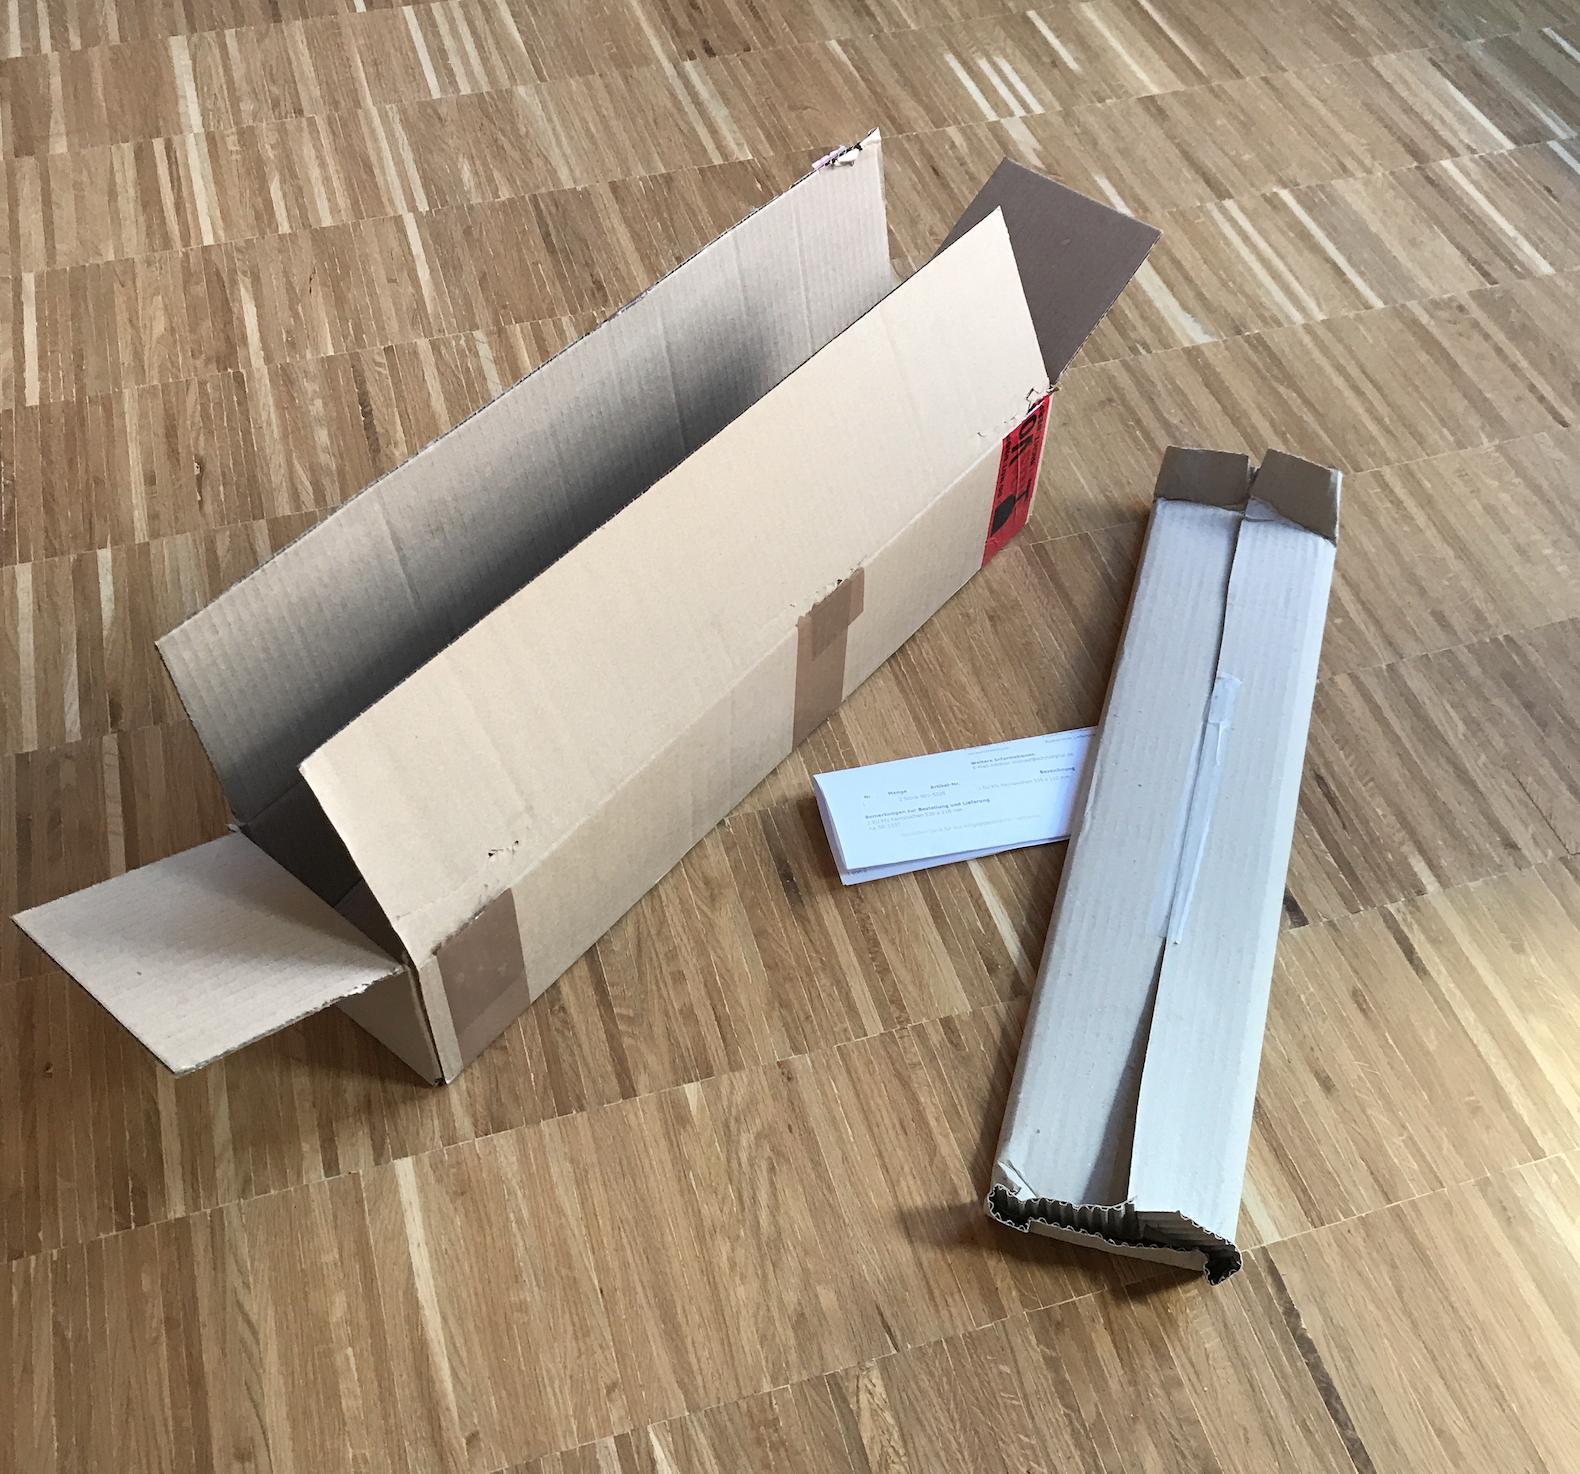 Autokennzeichen in einer sicheren Verpackung